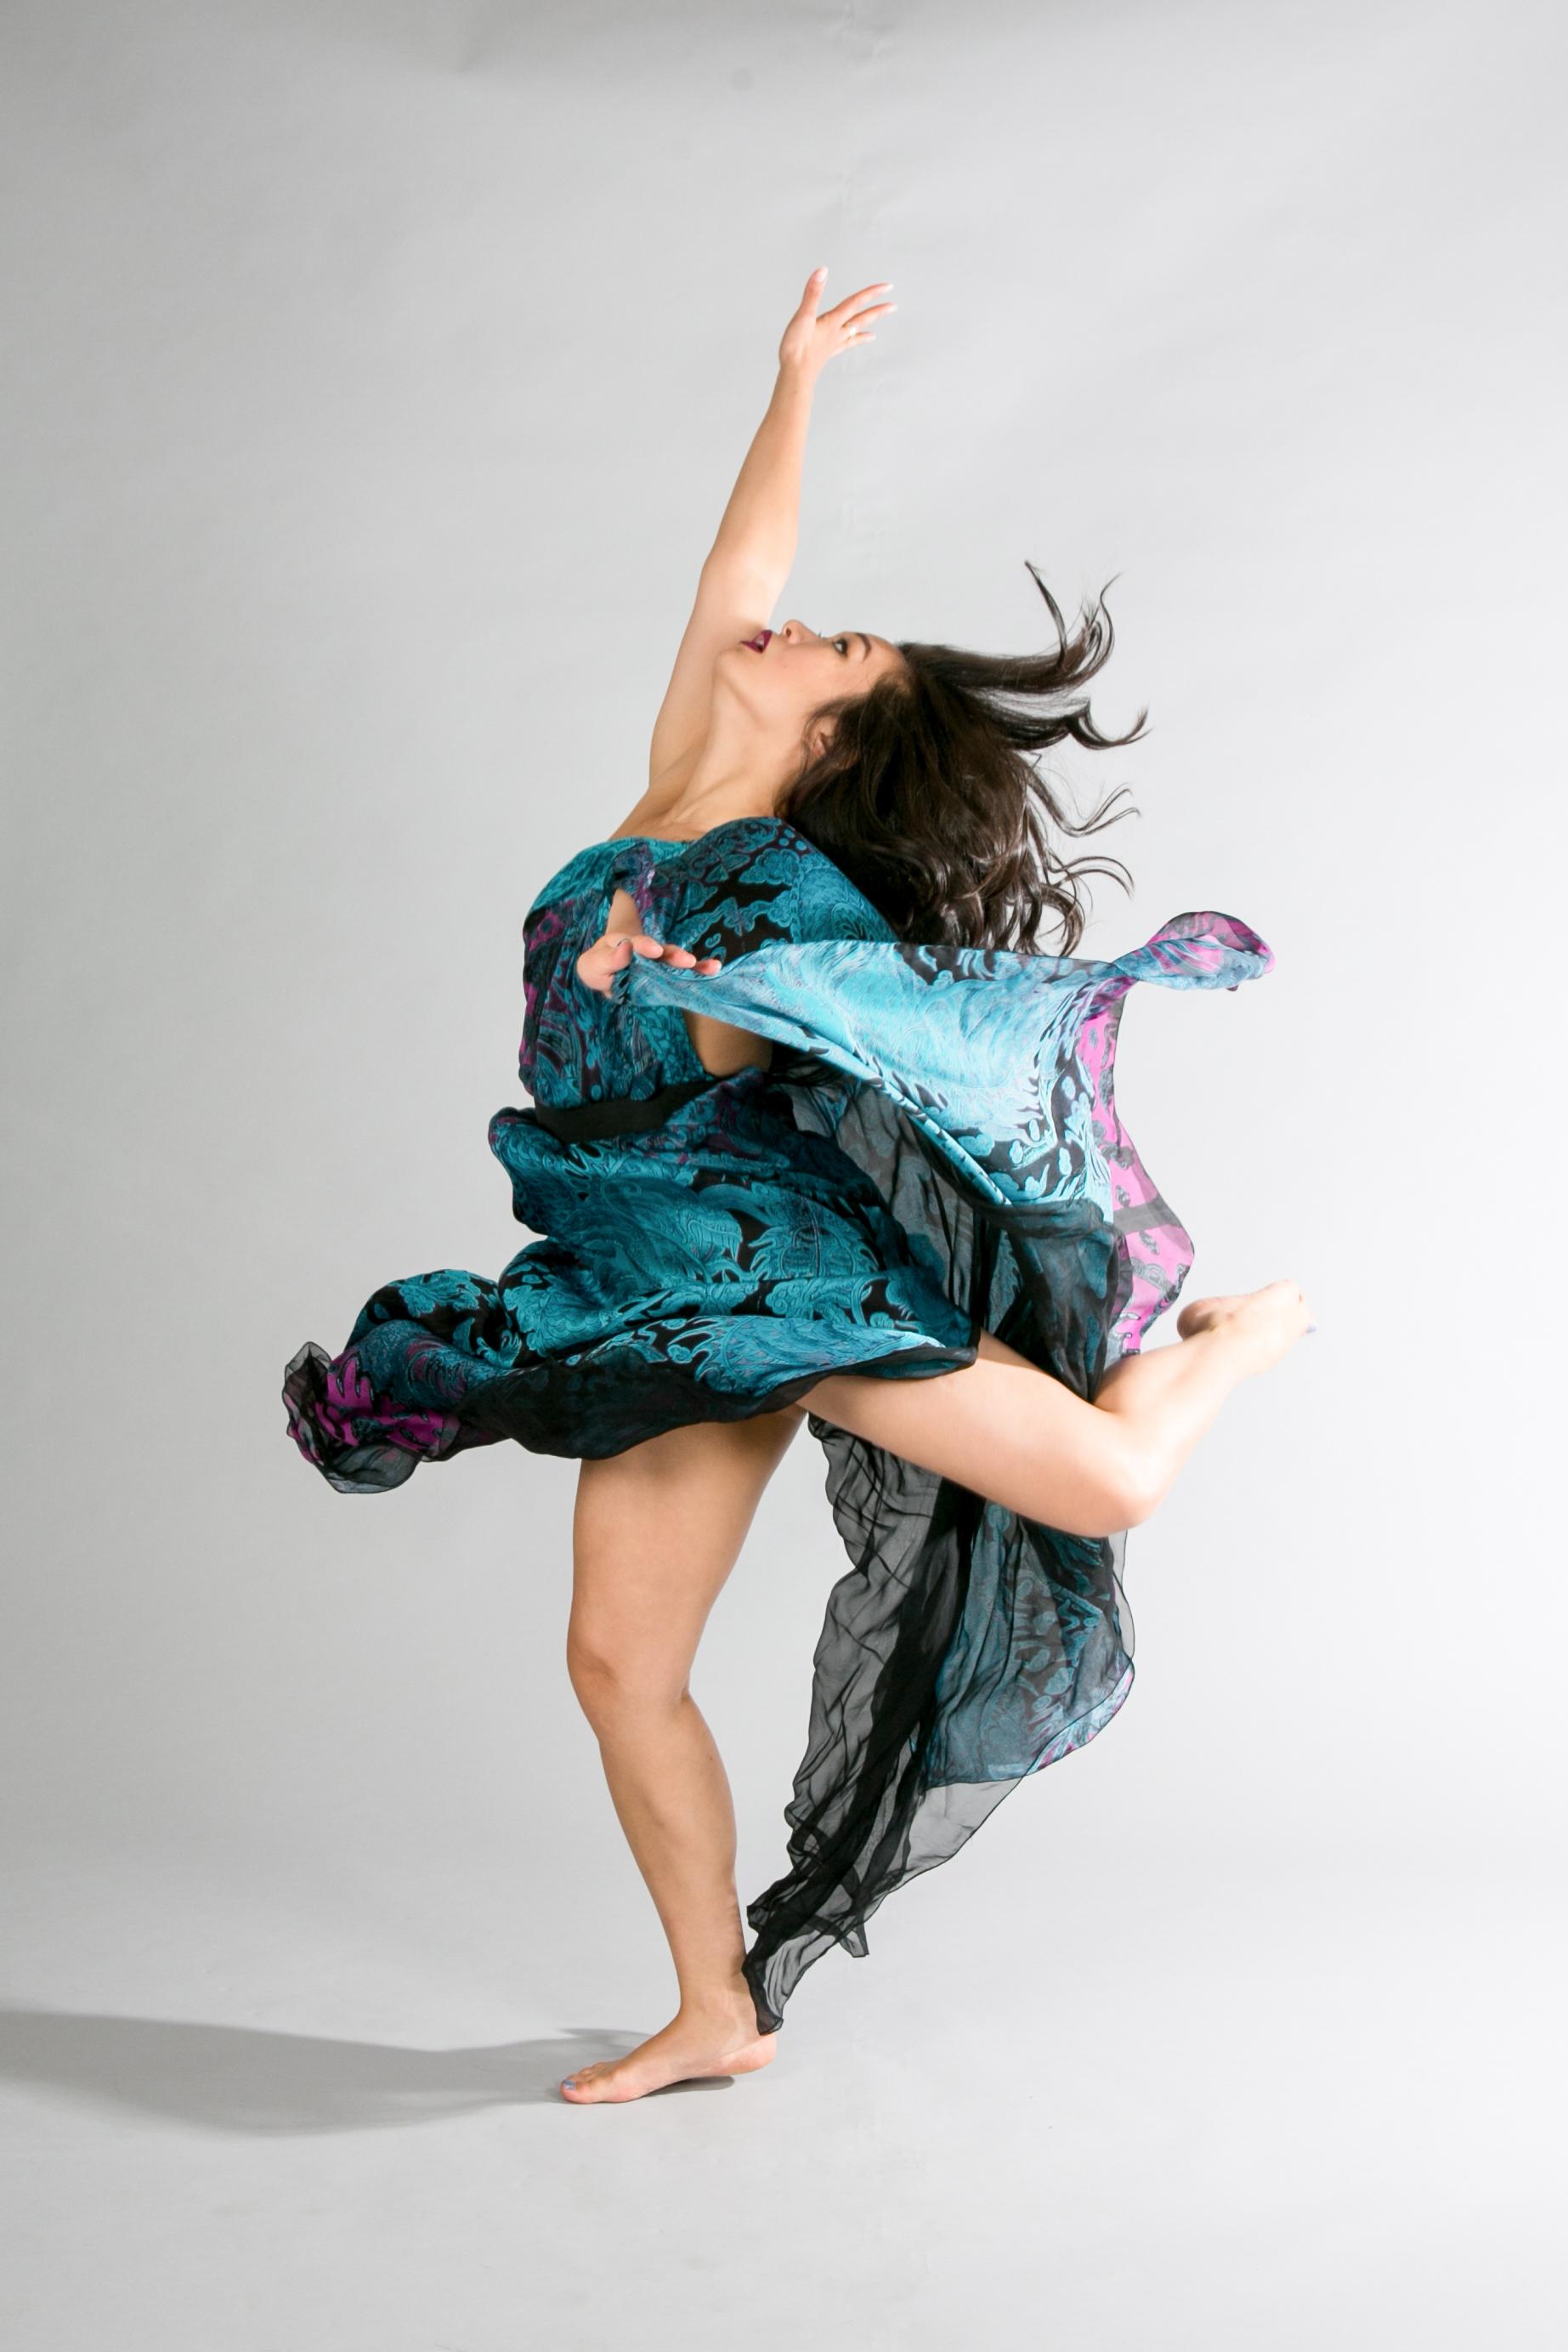 annie2016 dance.jpg